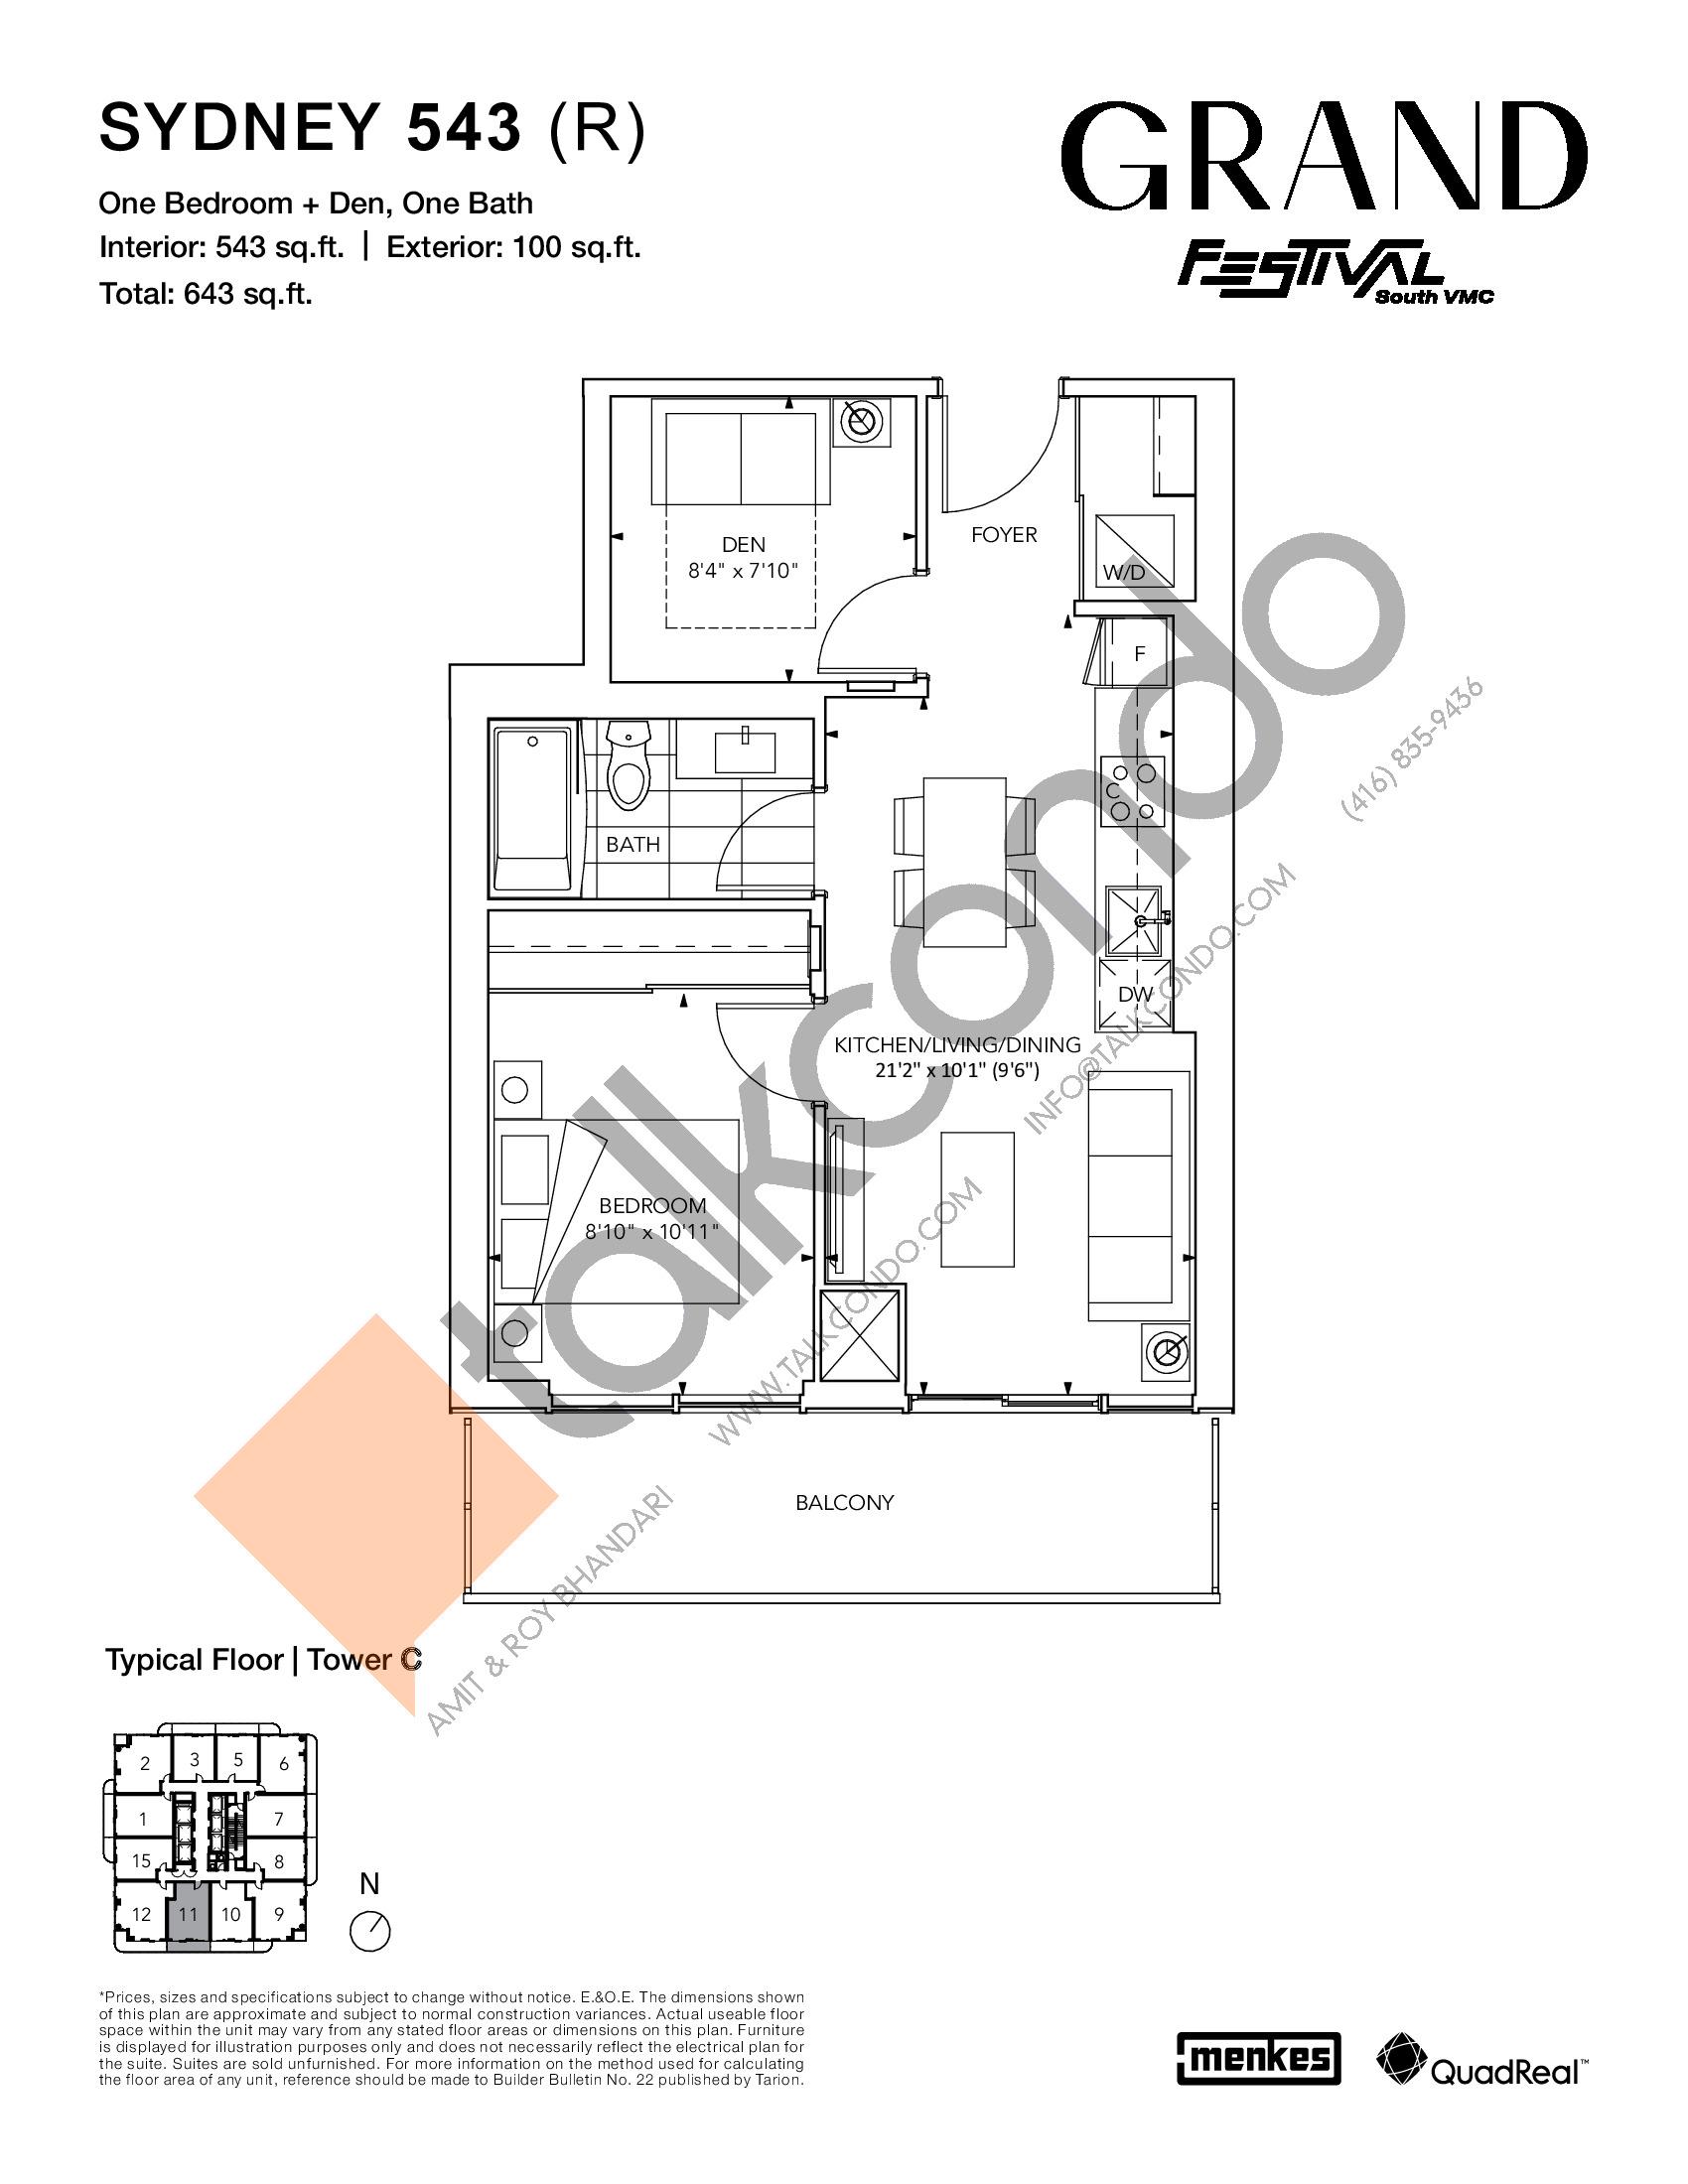 Sydney 543 (R) Floor Plan at Grand Festival Condos - 543 sq.ft